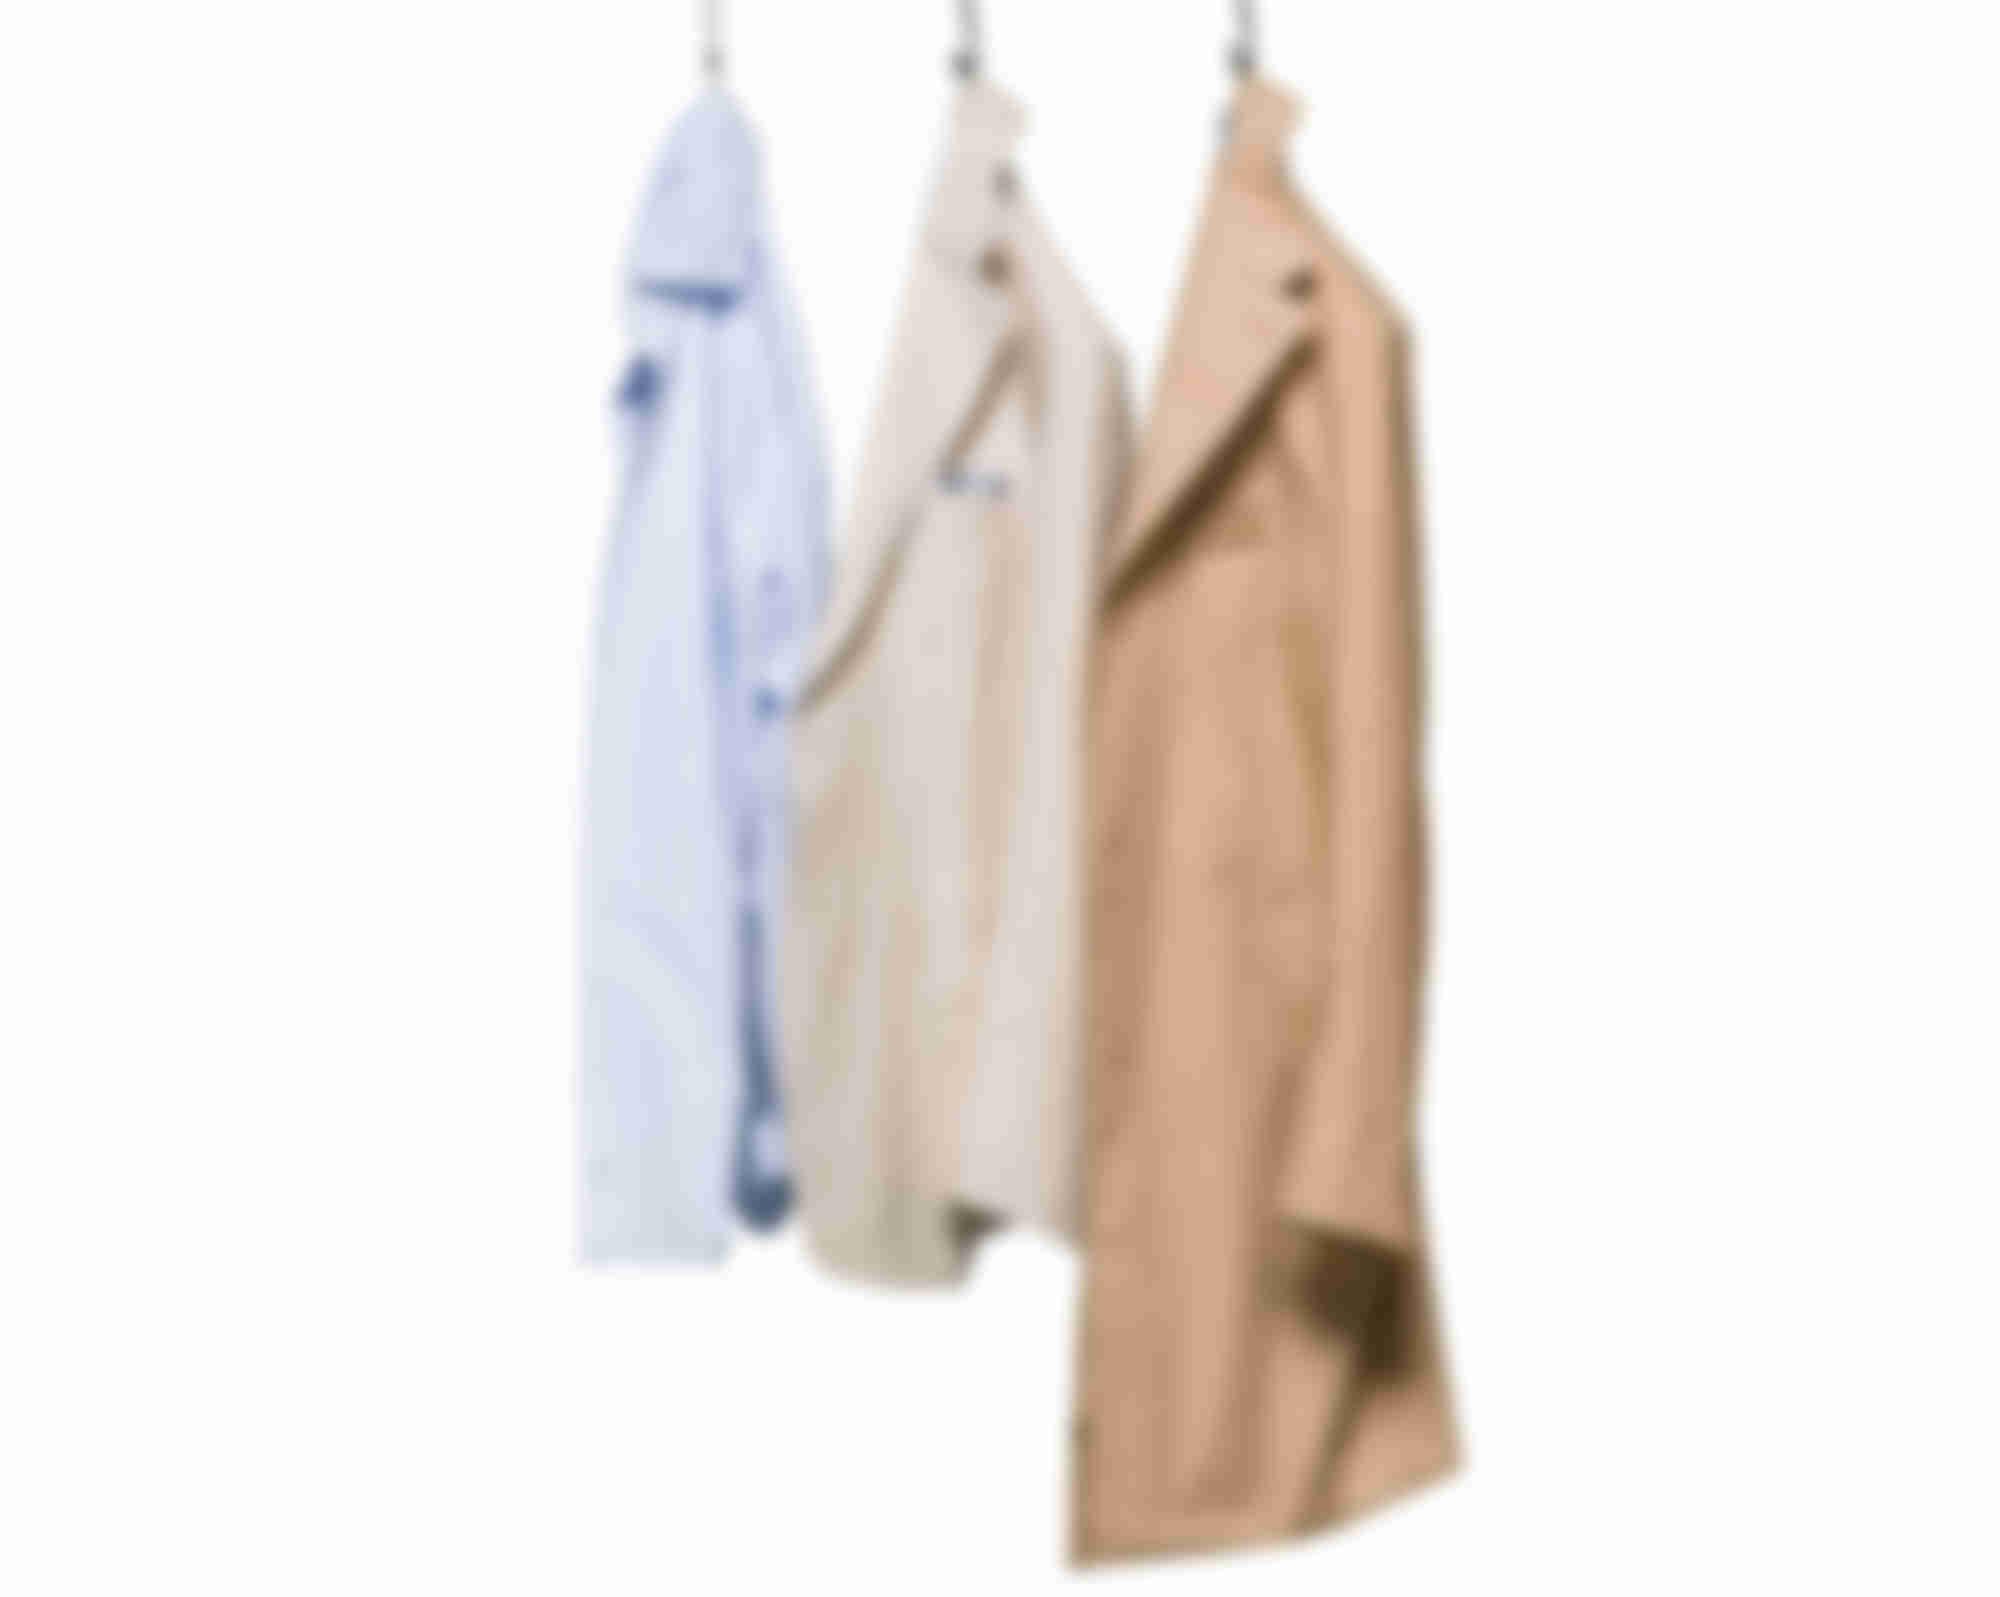 Chemise veste et manteaux suspendus qui illustrent la philosophie Sur-Mesure